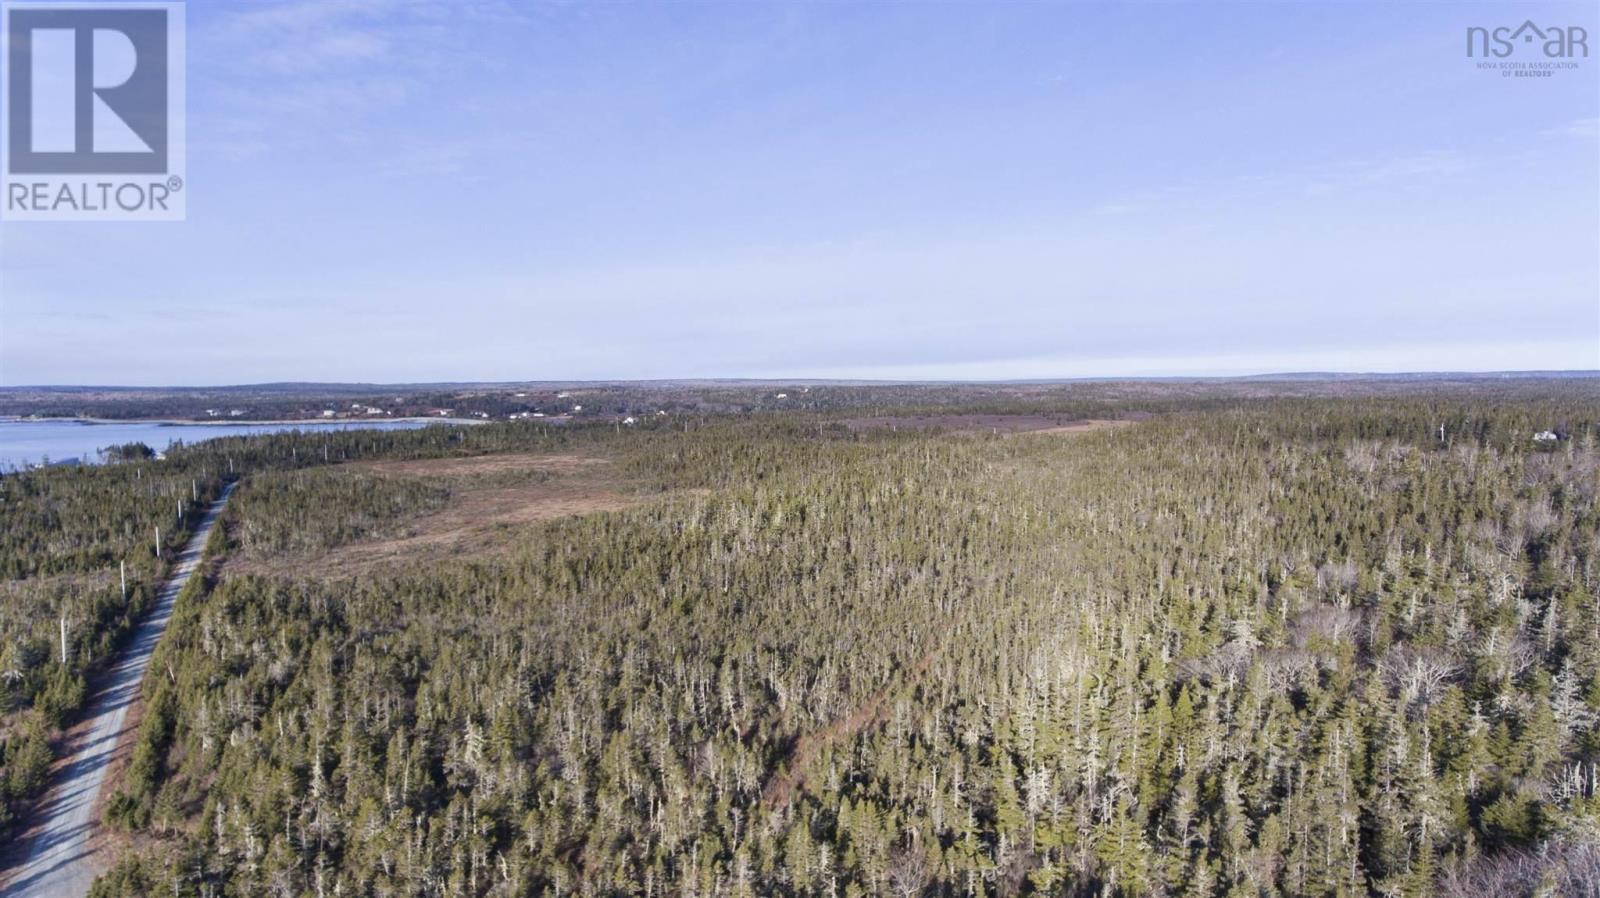 Lot 4-1 Pierce Point Road, Western Head, Nova Scotia  B0T 1G0 - Photo 2 - 202120652